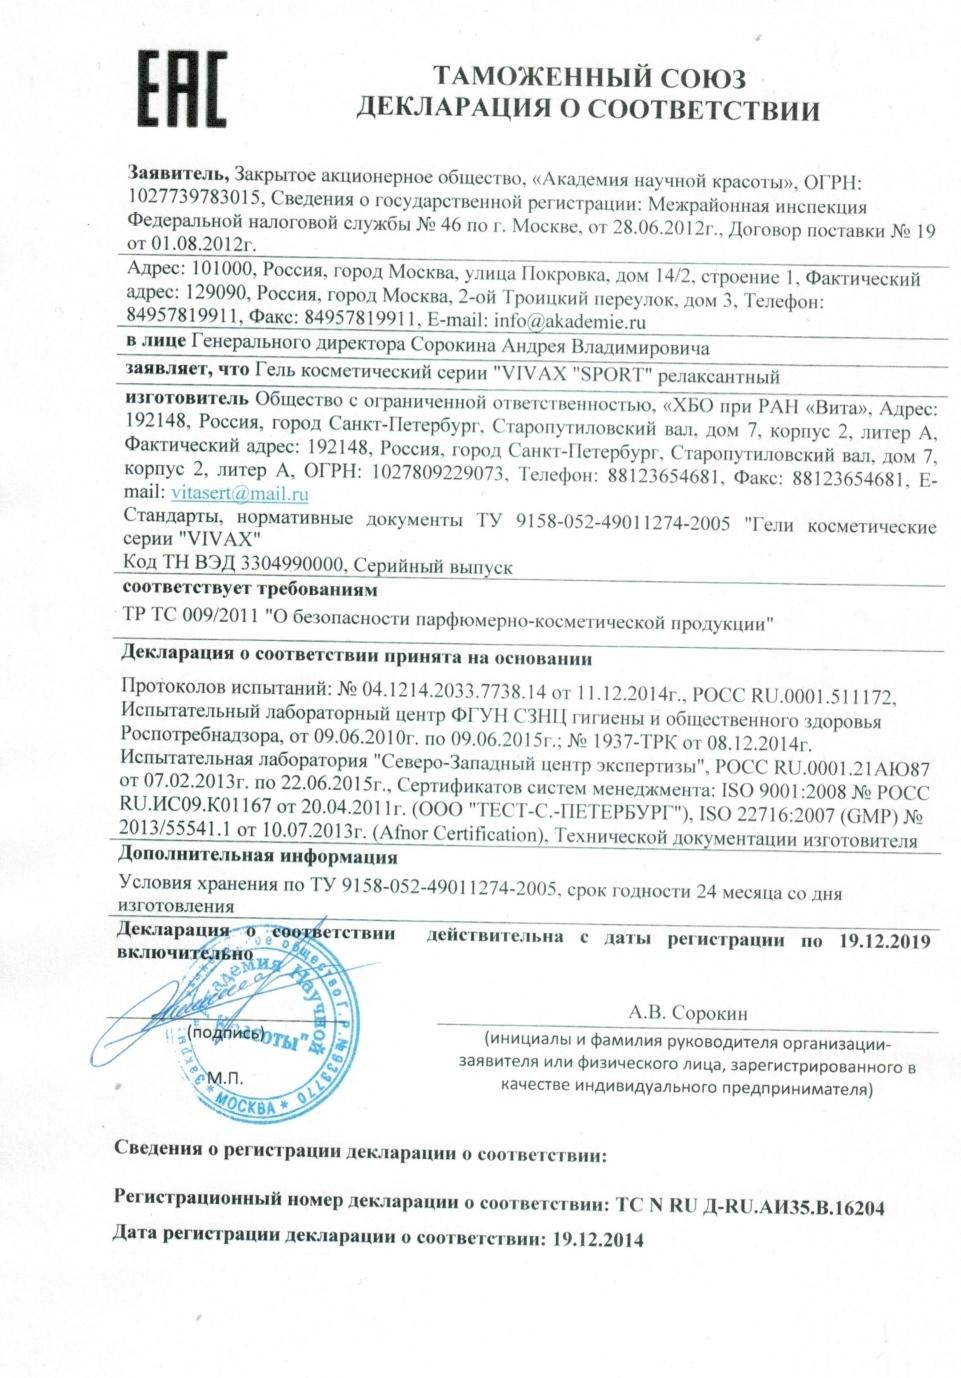 VIVAX Sport релаксантный крем с пептидами - Декларация соответствия